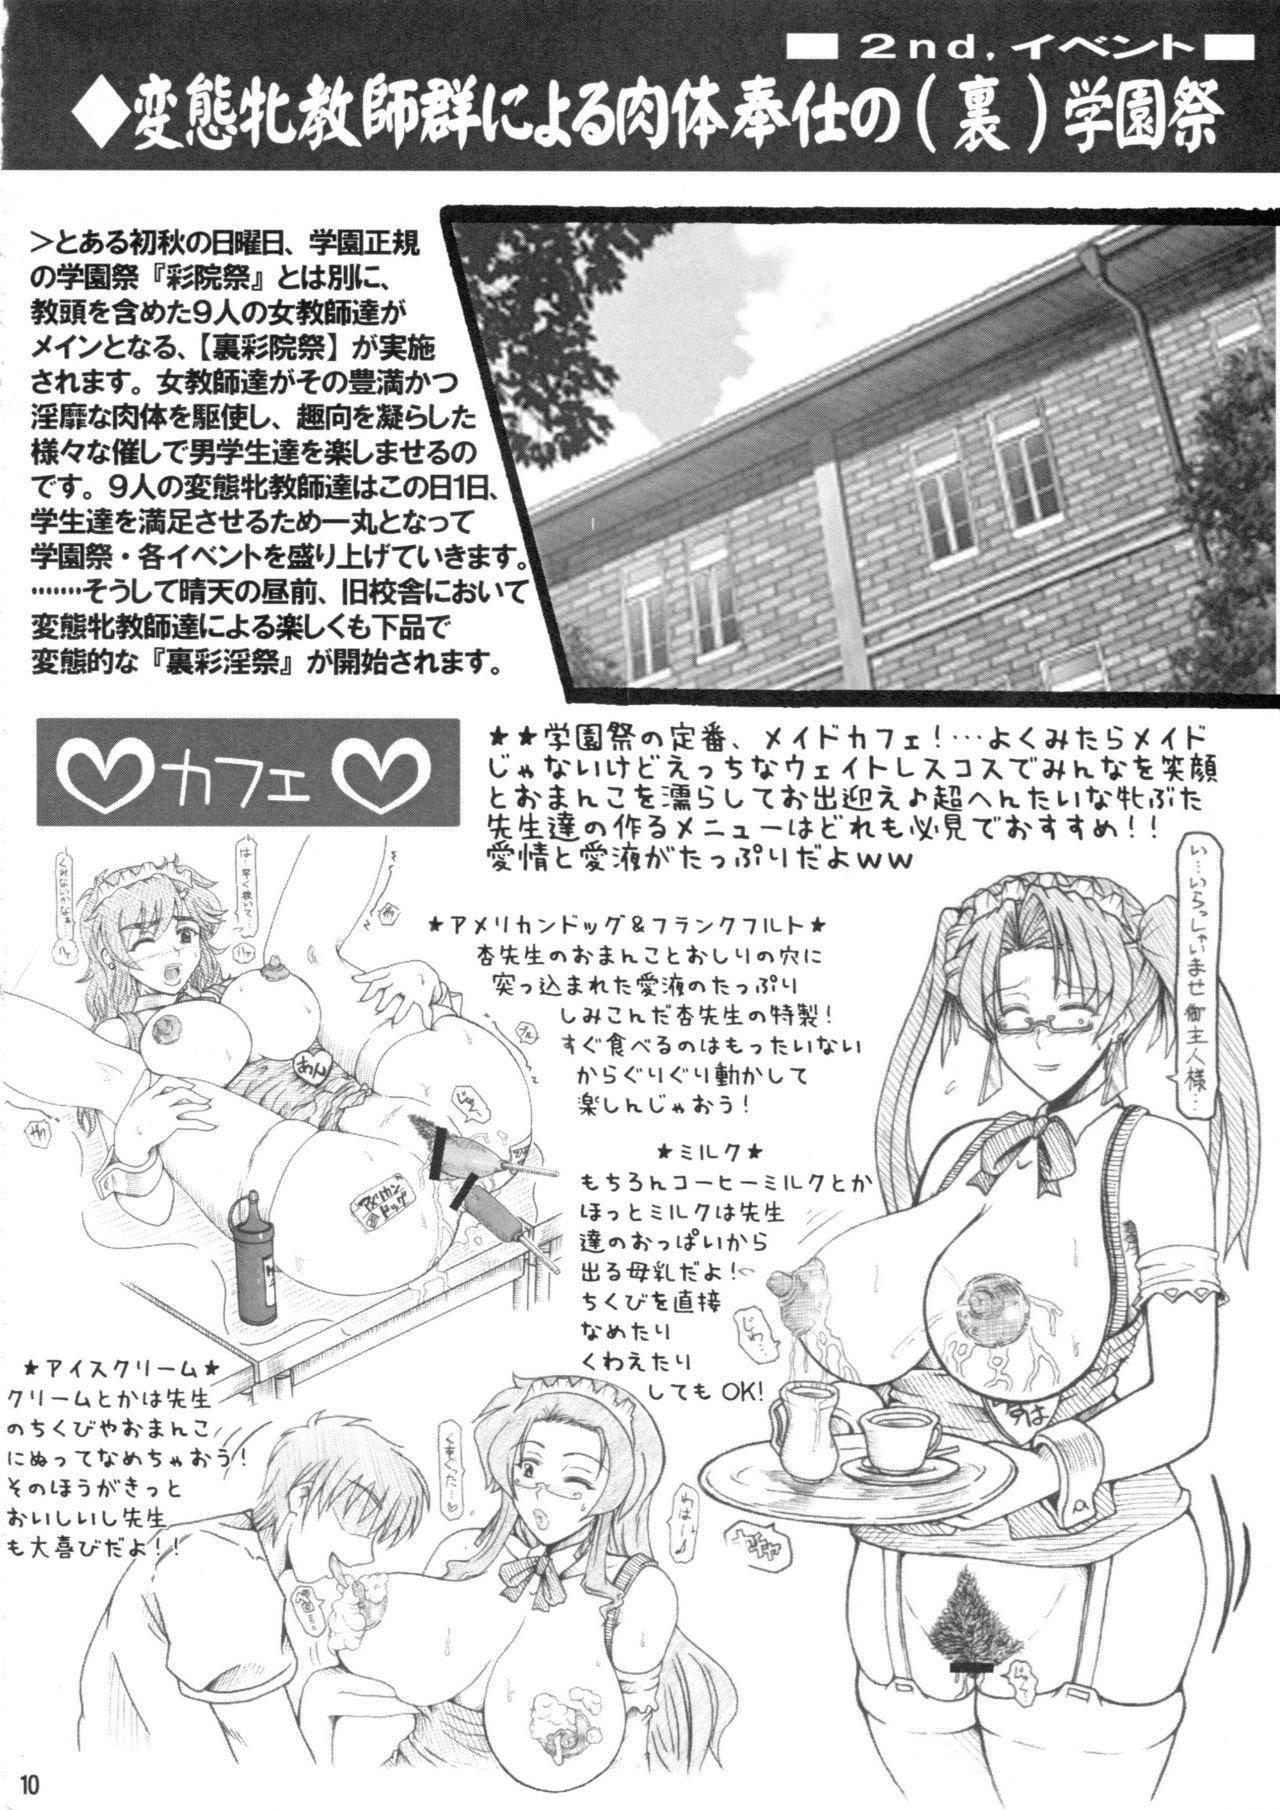 Onna Kyoushi-gun Ryoujoku Enchitai III season 8